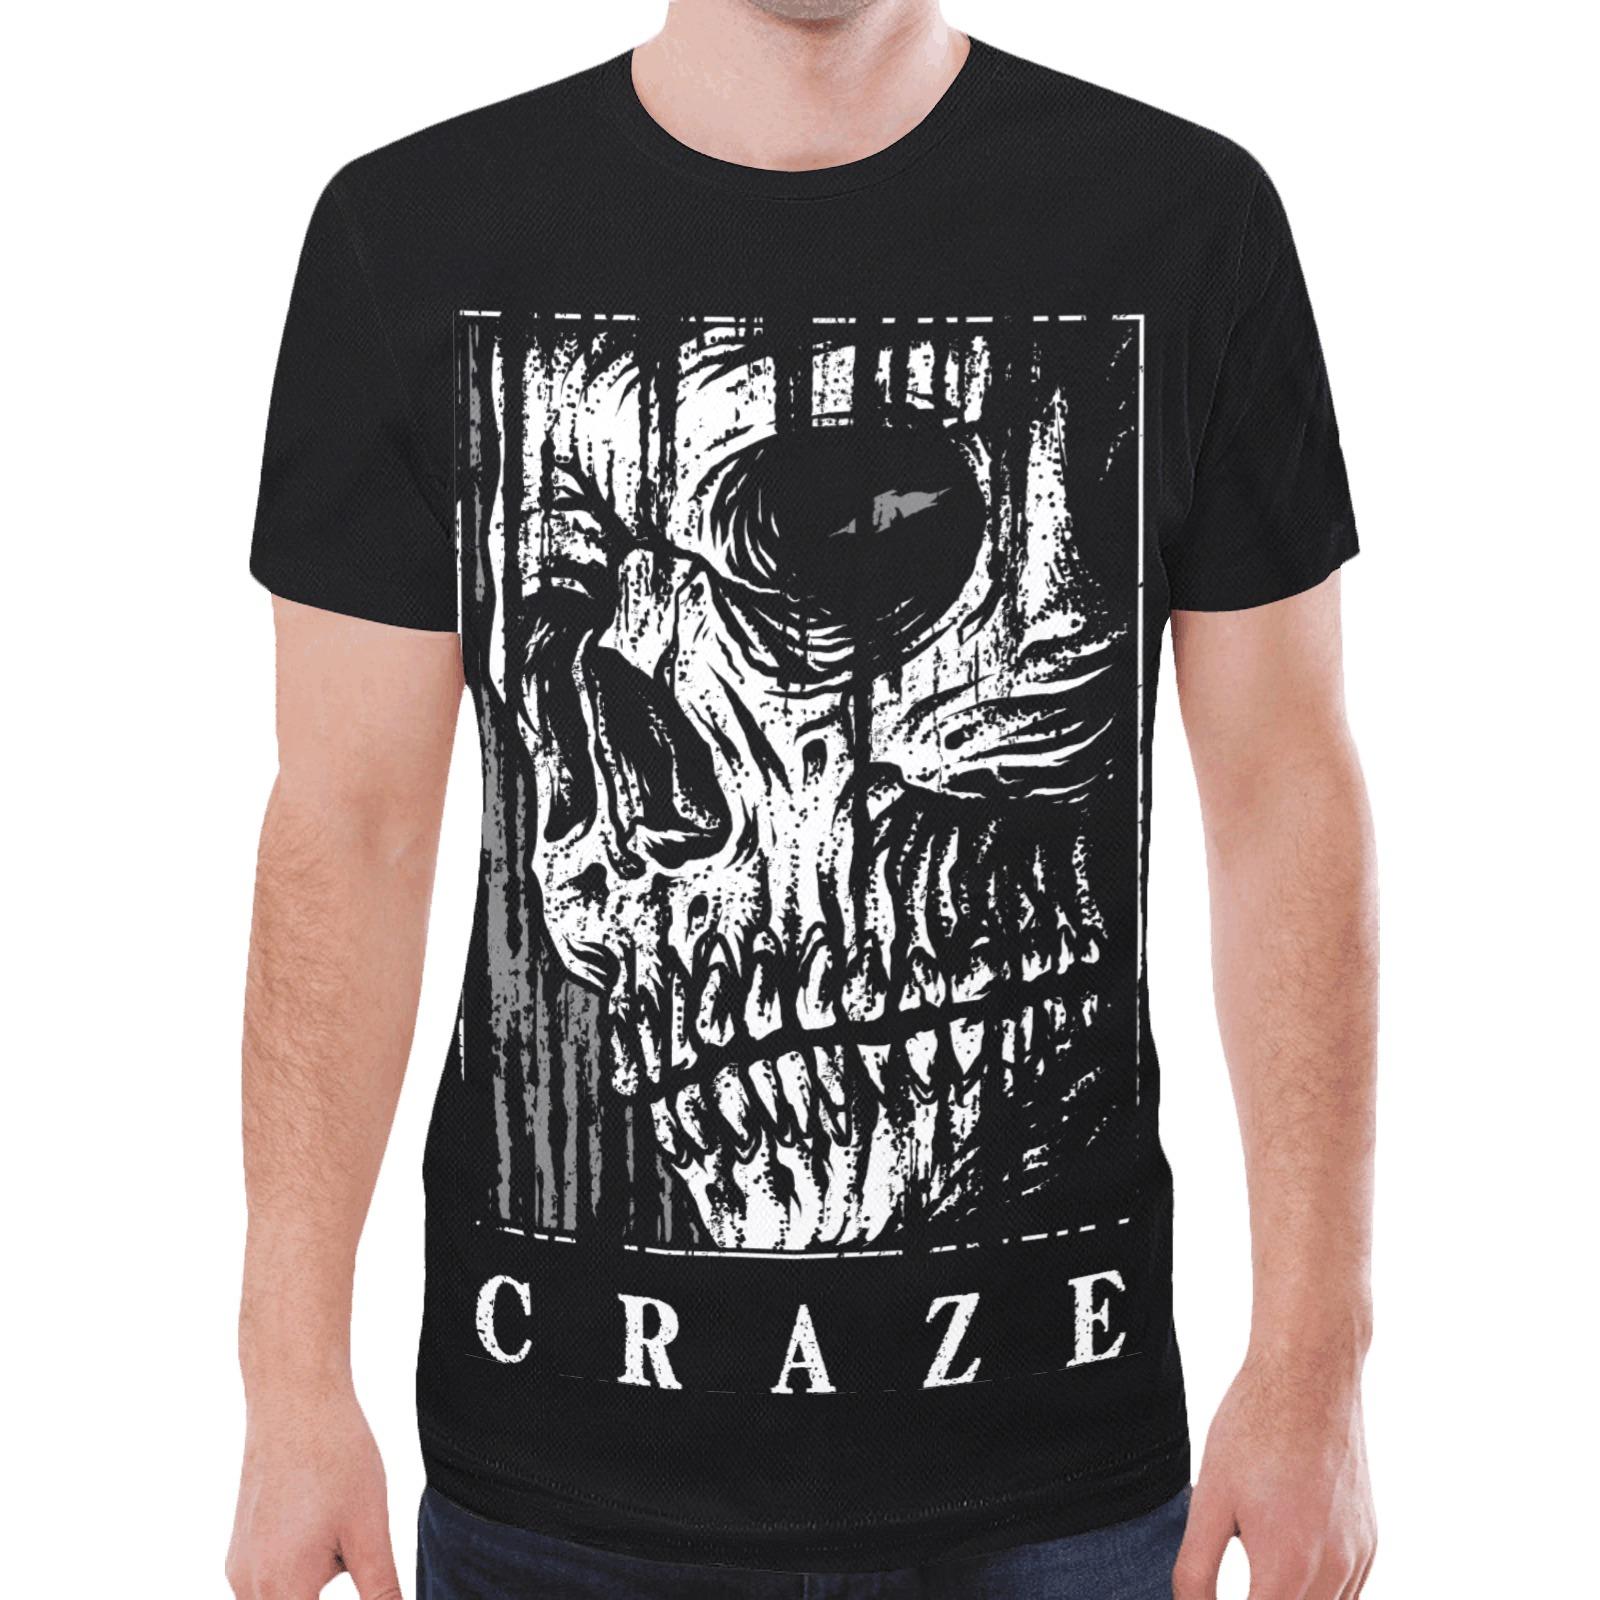 Critical Craze Watcher New All Over Print T-shirt for Men (Model T45)